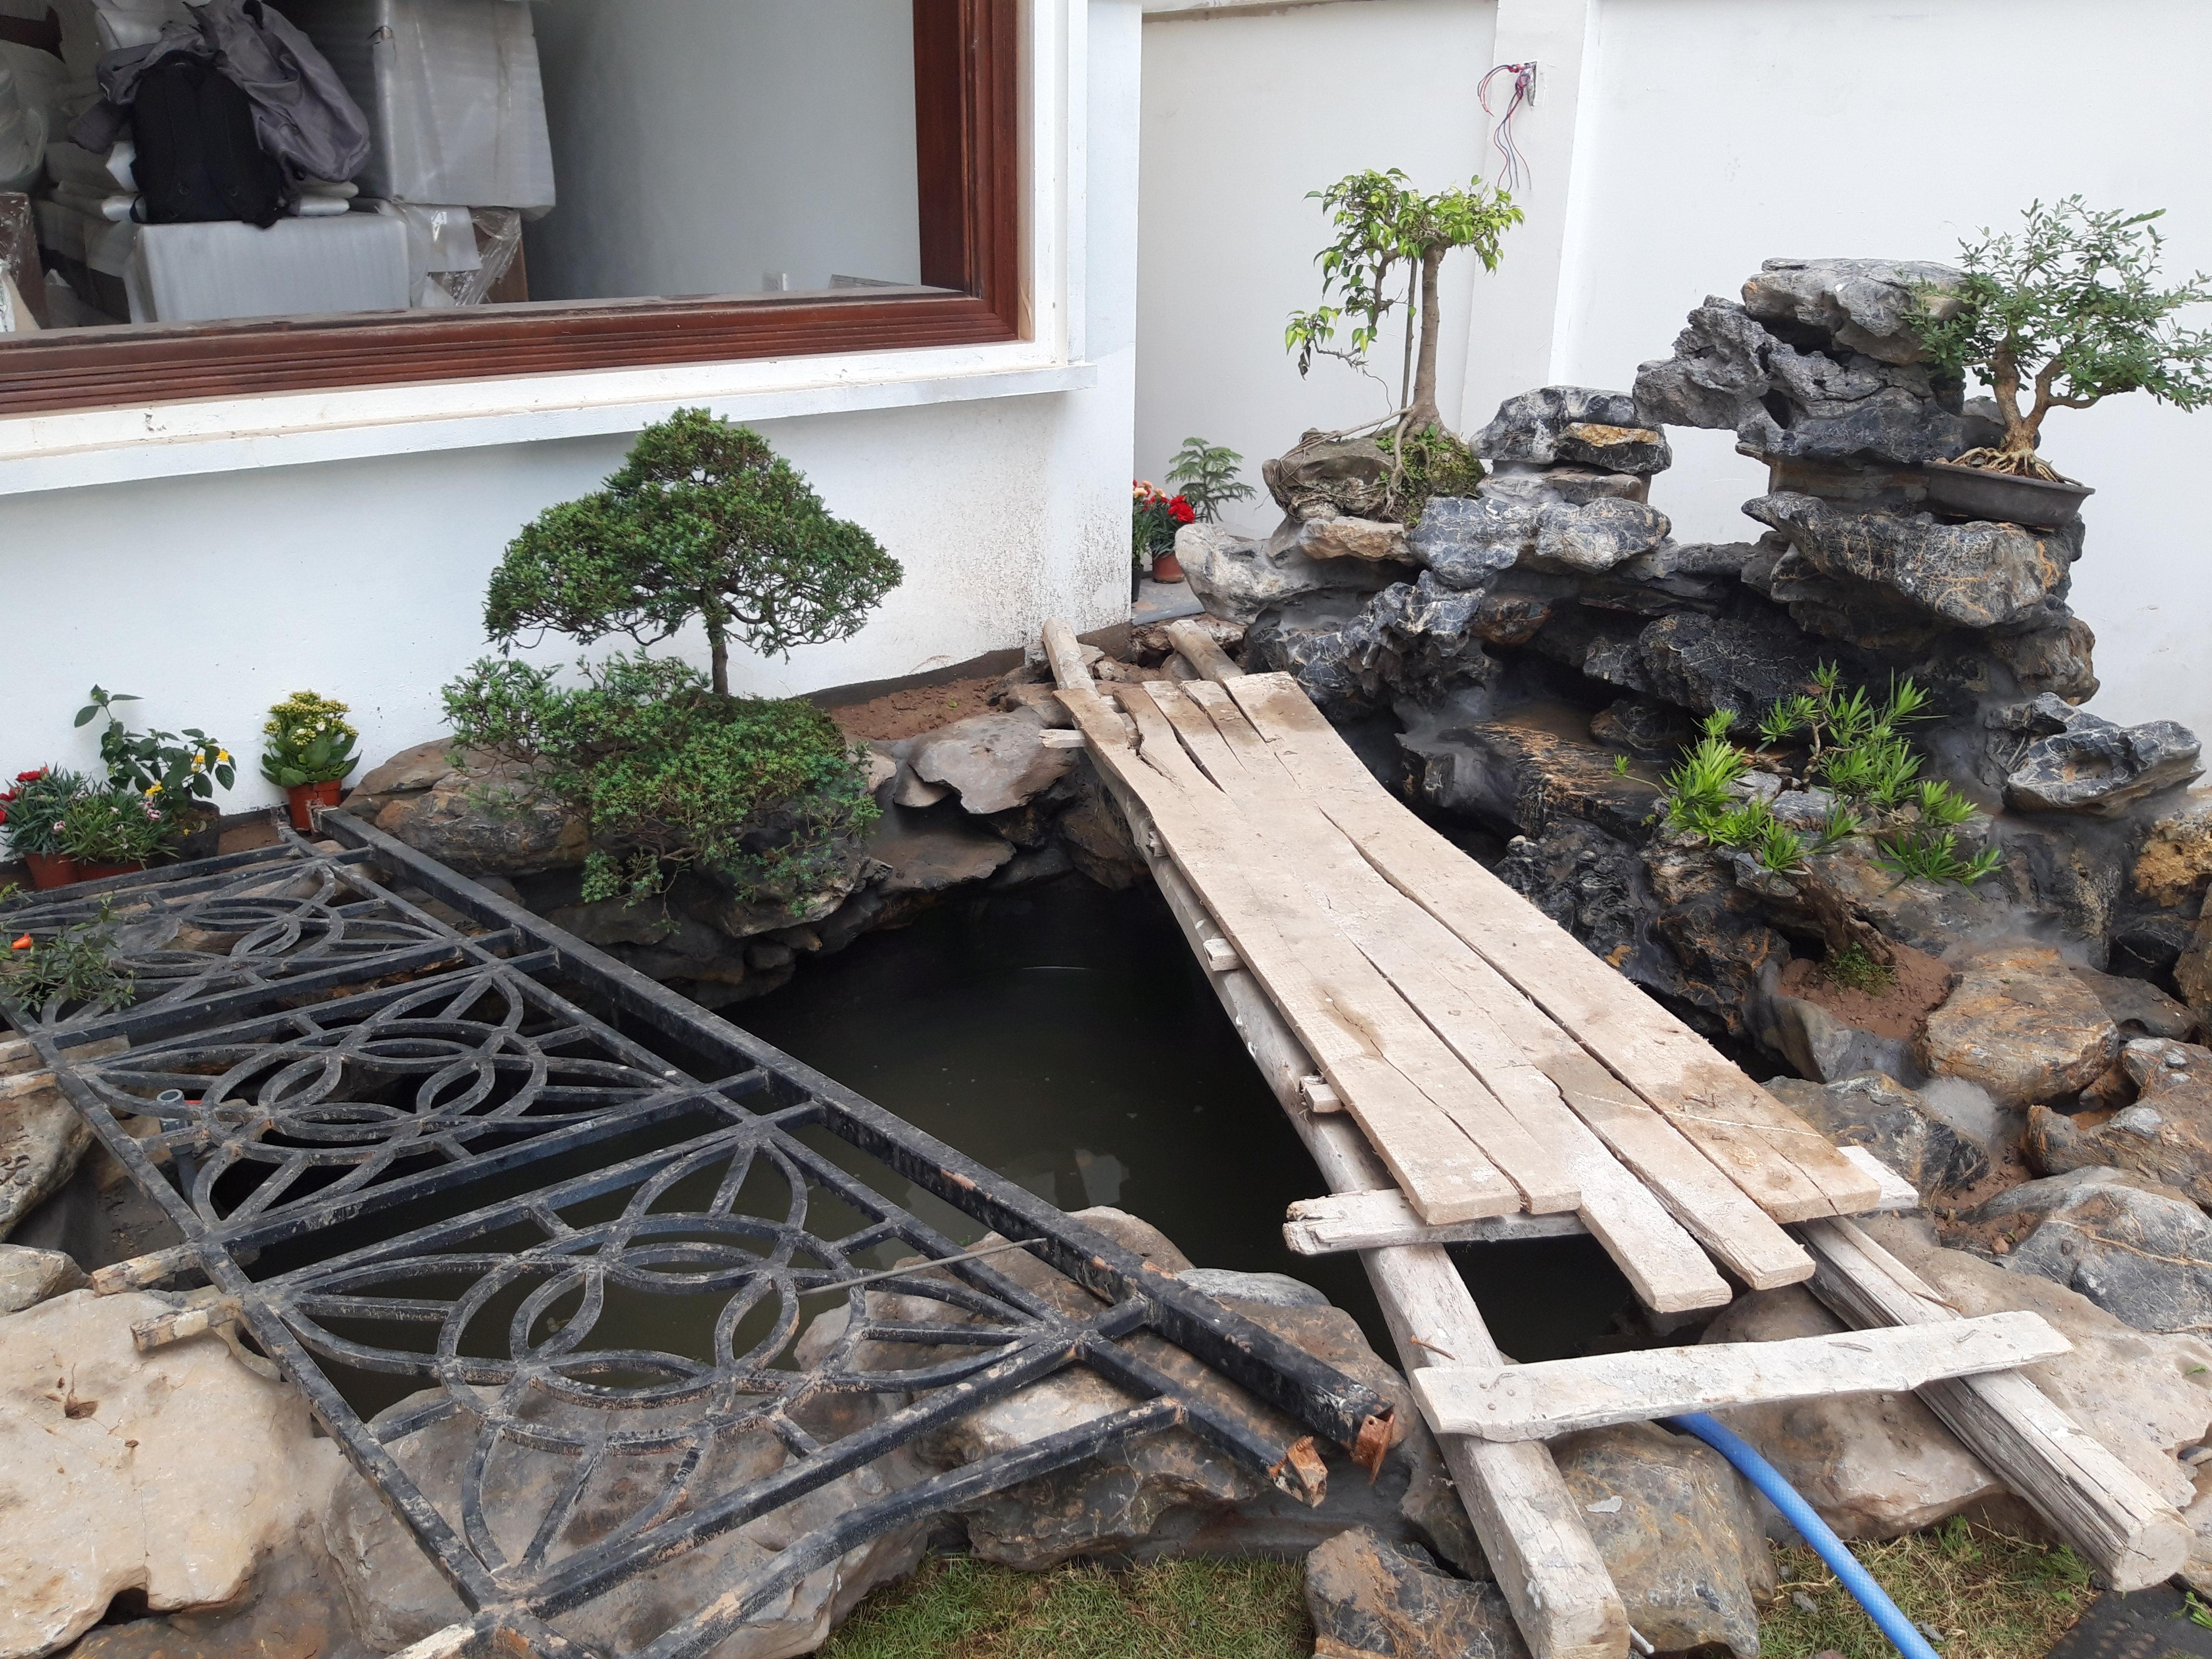 Công trình hòn non bộ, thác nước, hồ cá Koi, sân vườn tại nhà anh Bình Vincom Hoa sữa 805